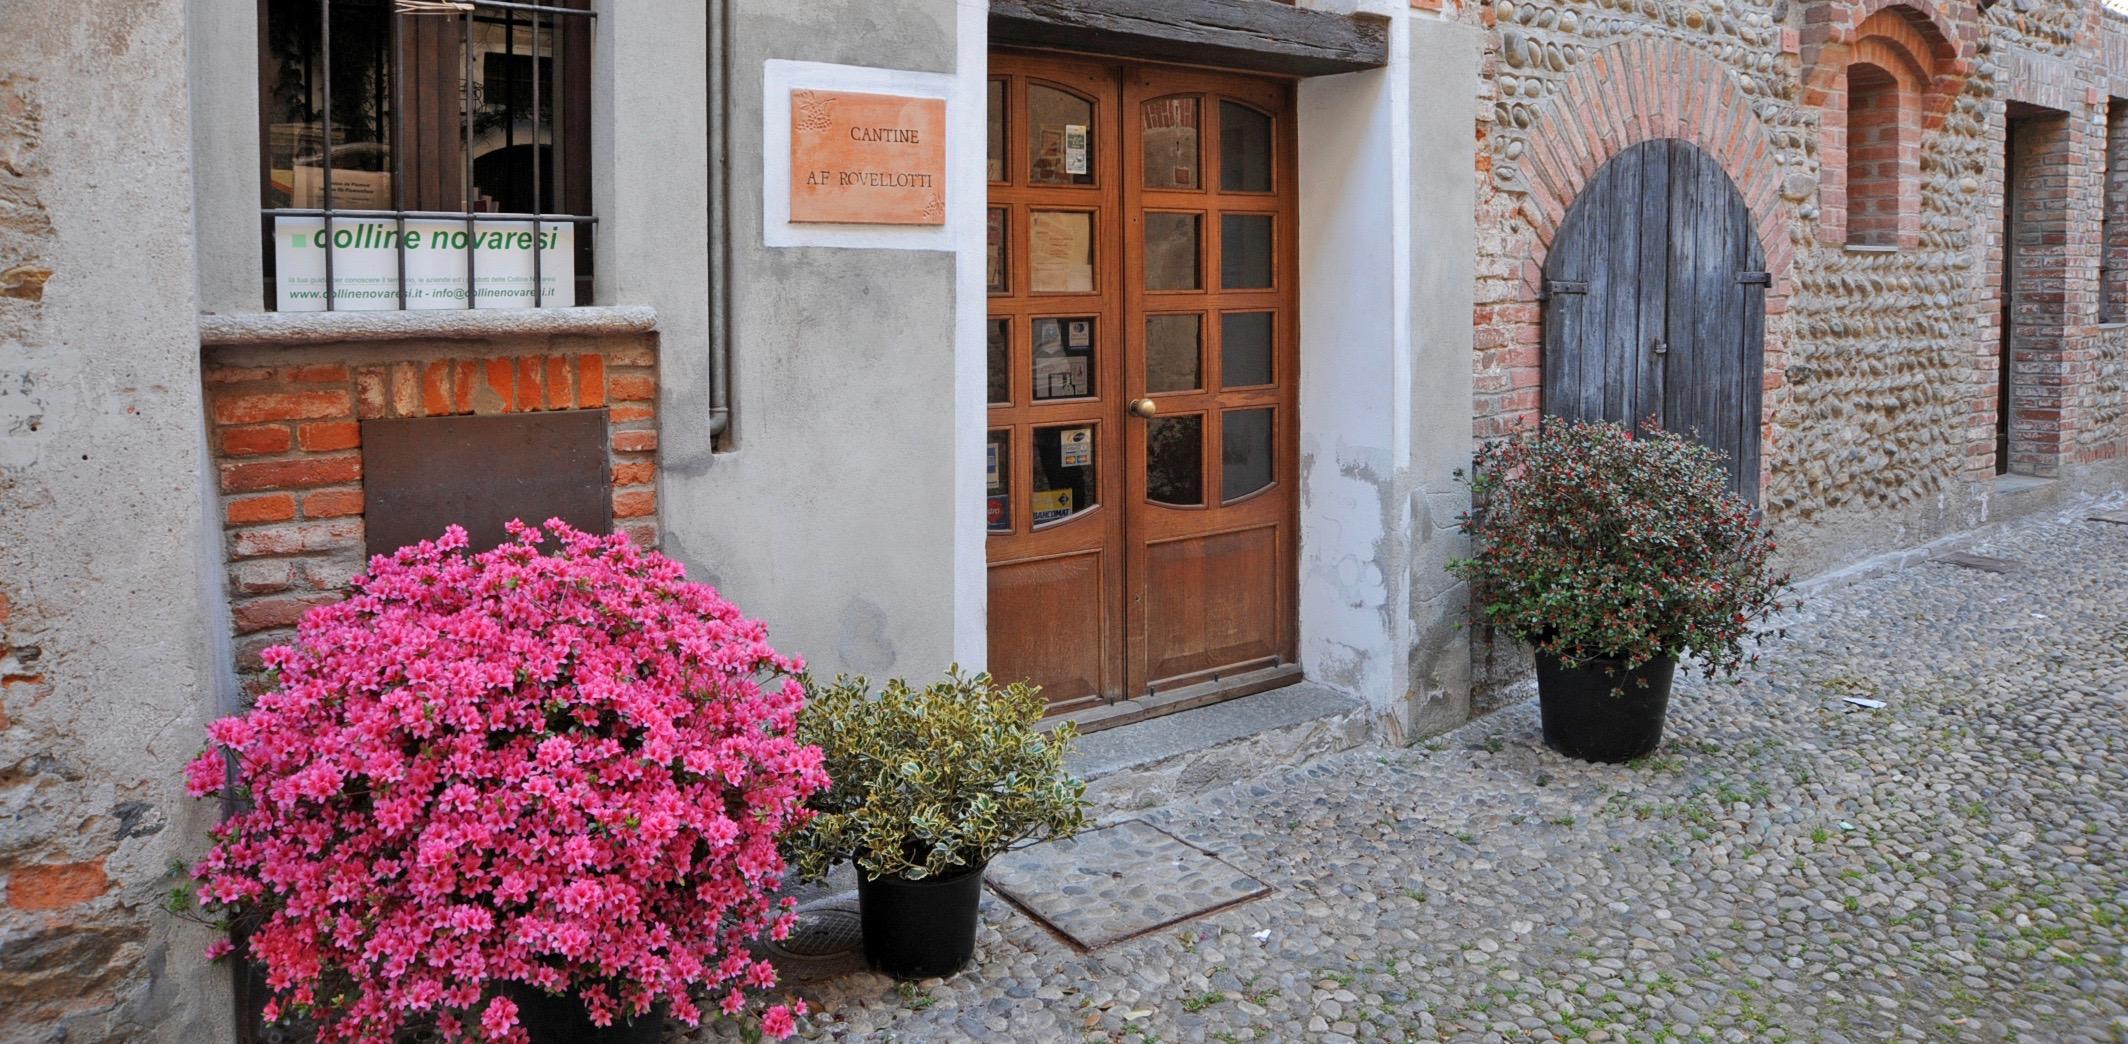 Piedmont Delights Rovellotti Criccone White Wine